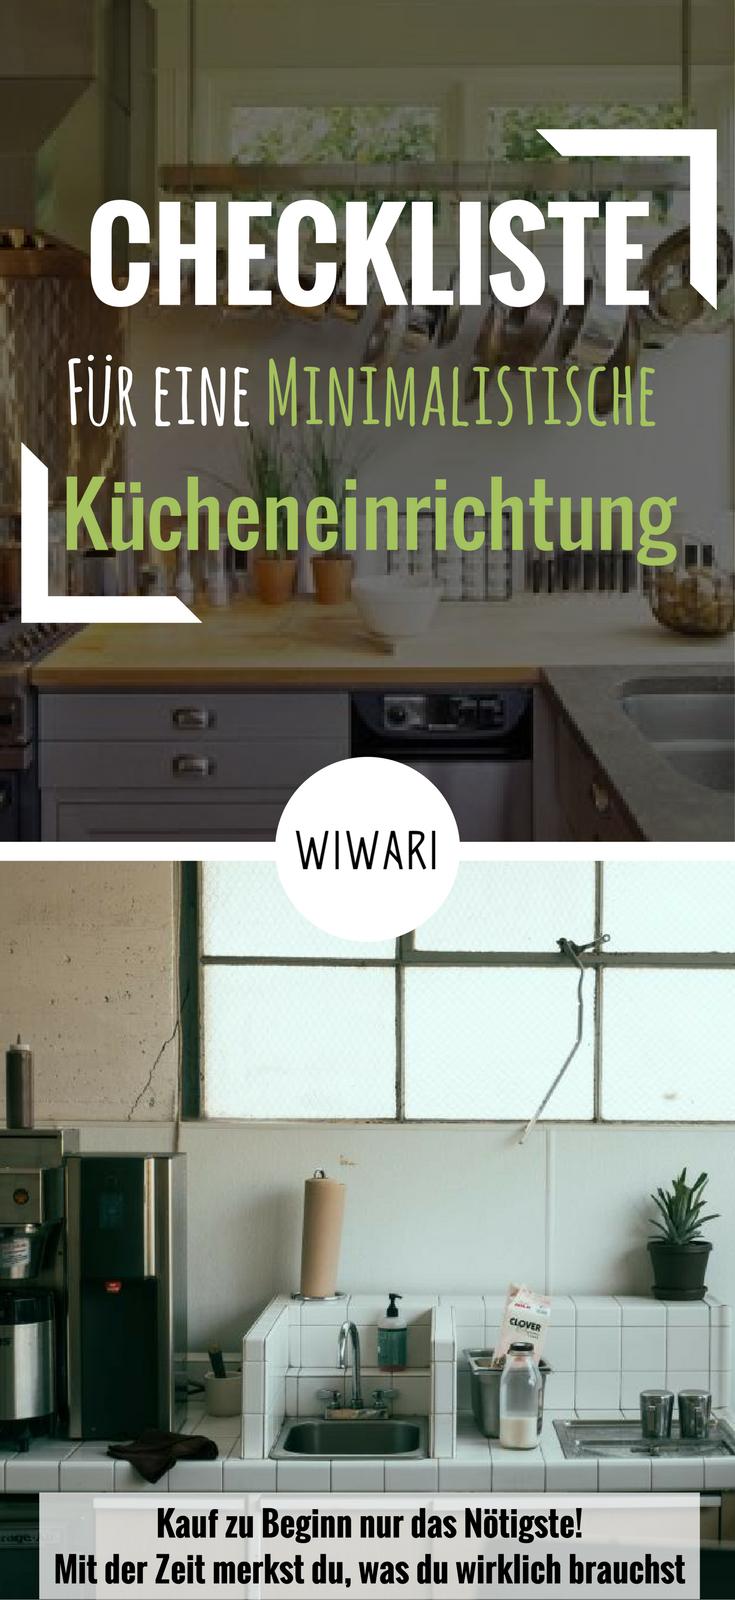 Fesselnd Checkliste Für Eine Minimalistische Kücheneinrichtung | Minimal Leben |  Minimalismus Leben | Küche Einrichten | Küche